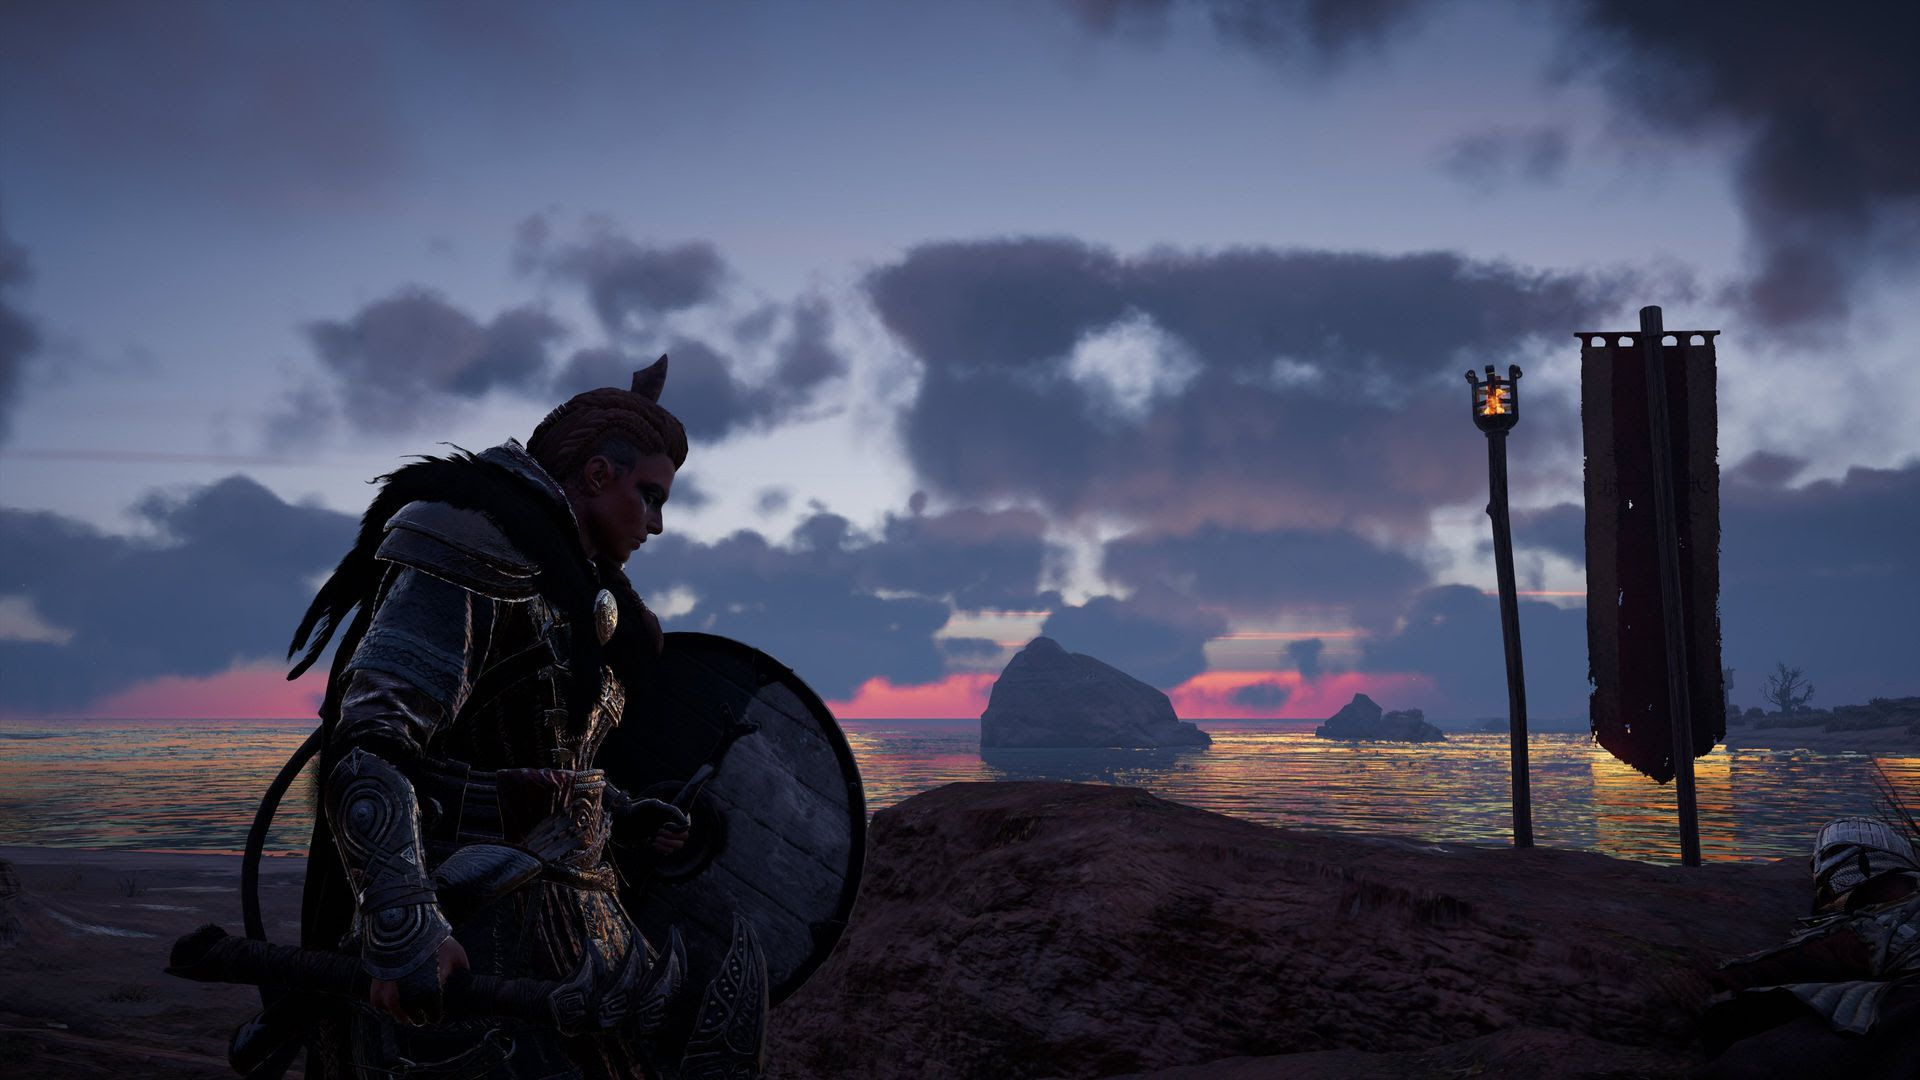 《刺客信条:英灵殿》总监加盟EA 开发未公布游戏